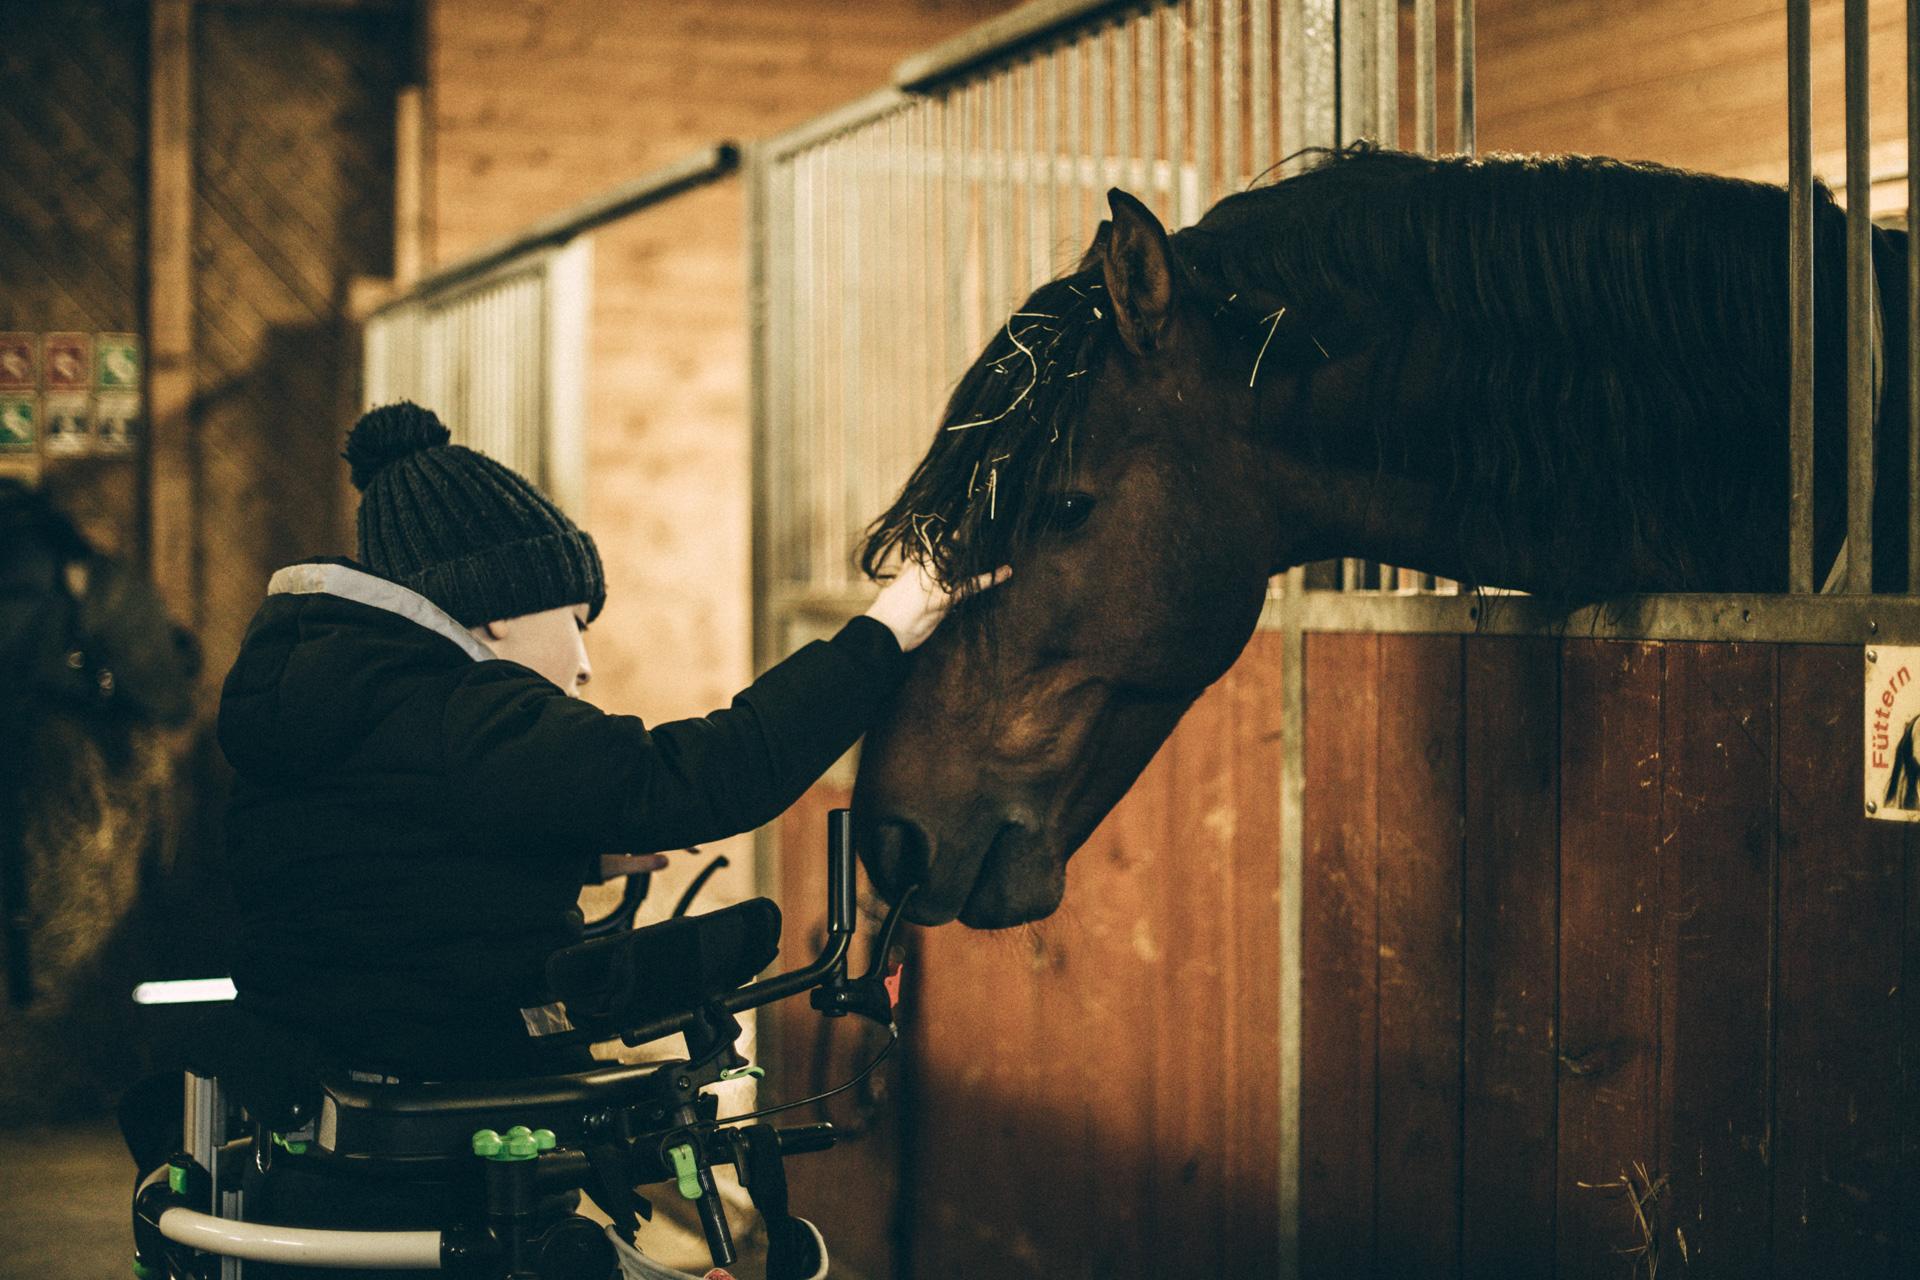 Raoul con Grillo al maneggio accarezza un cavallo